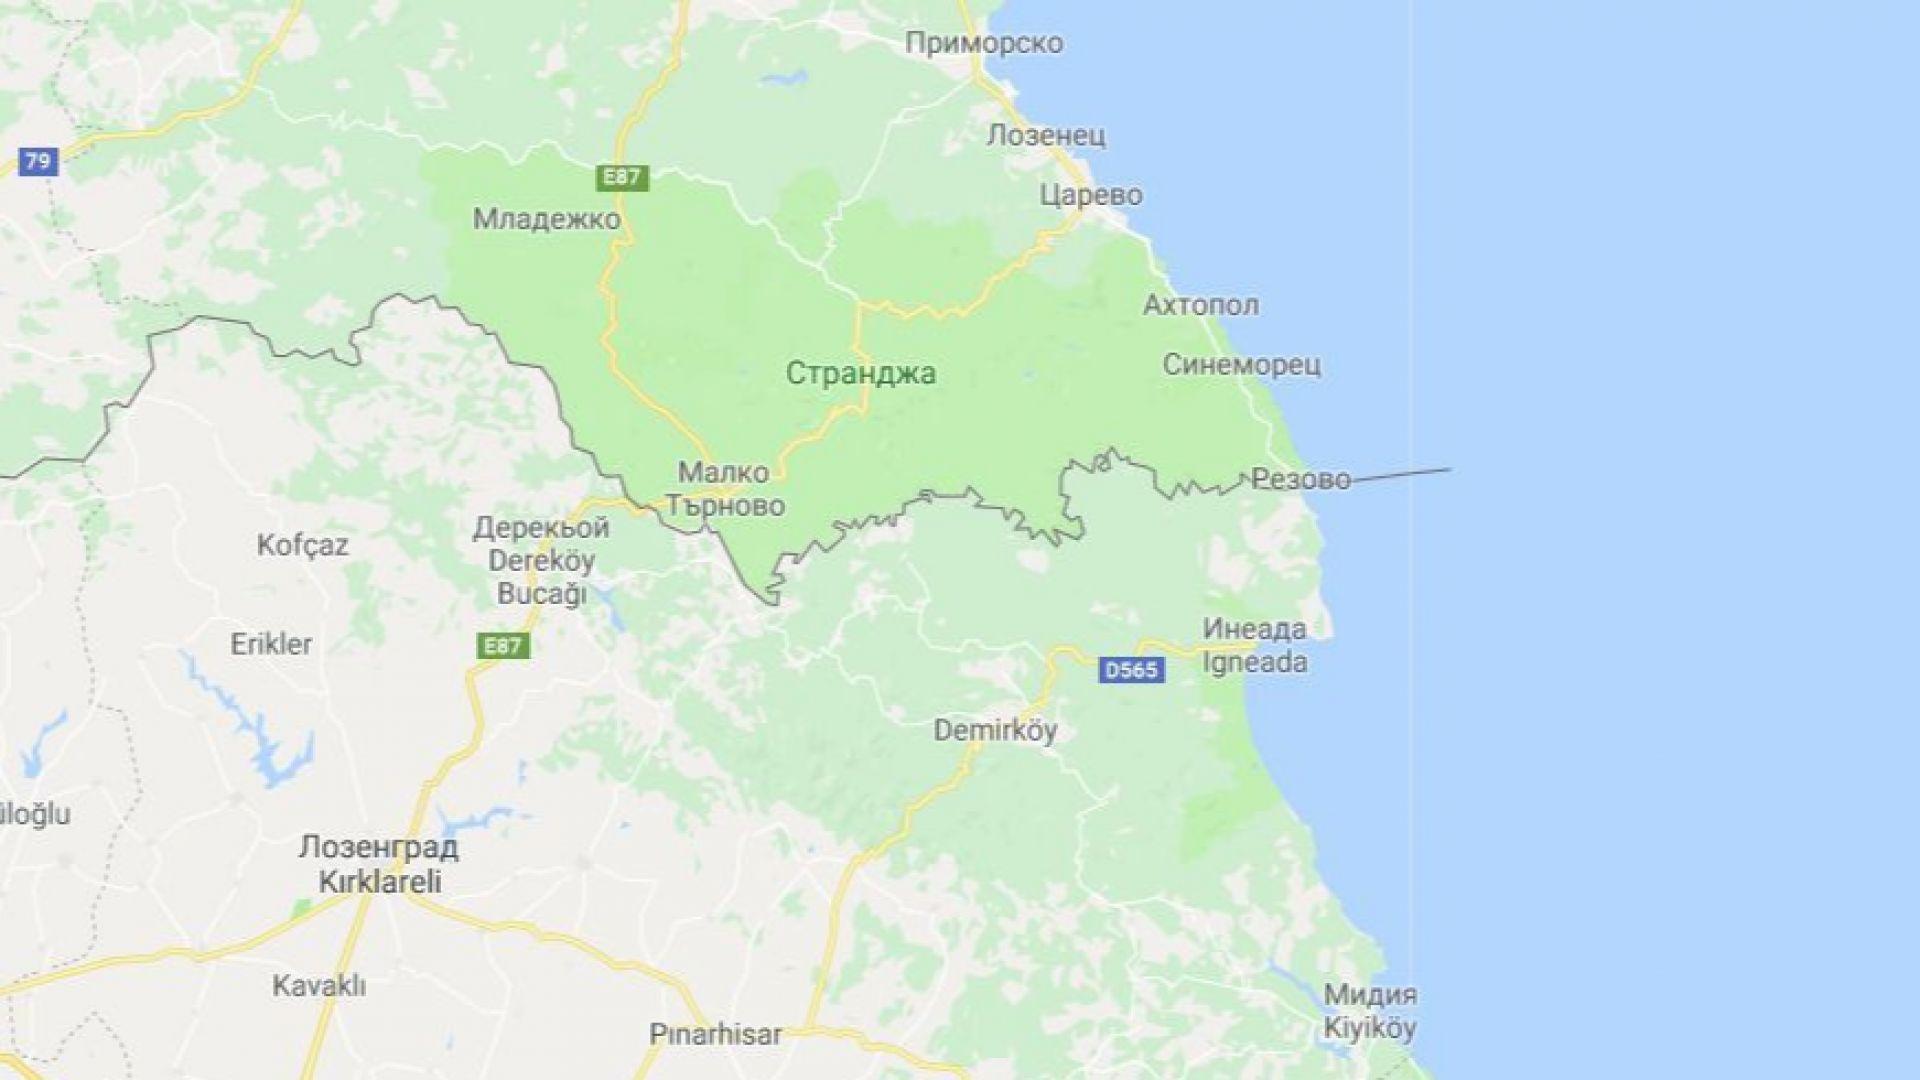 Турция се връща към намерението да строи АЕЦ в близост до българската граница